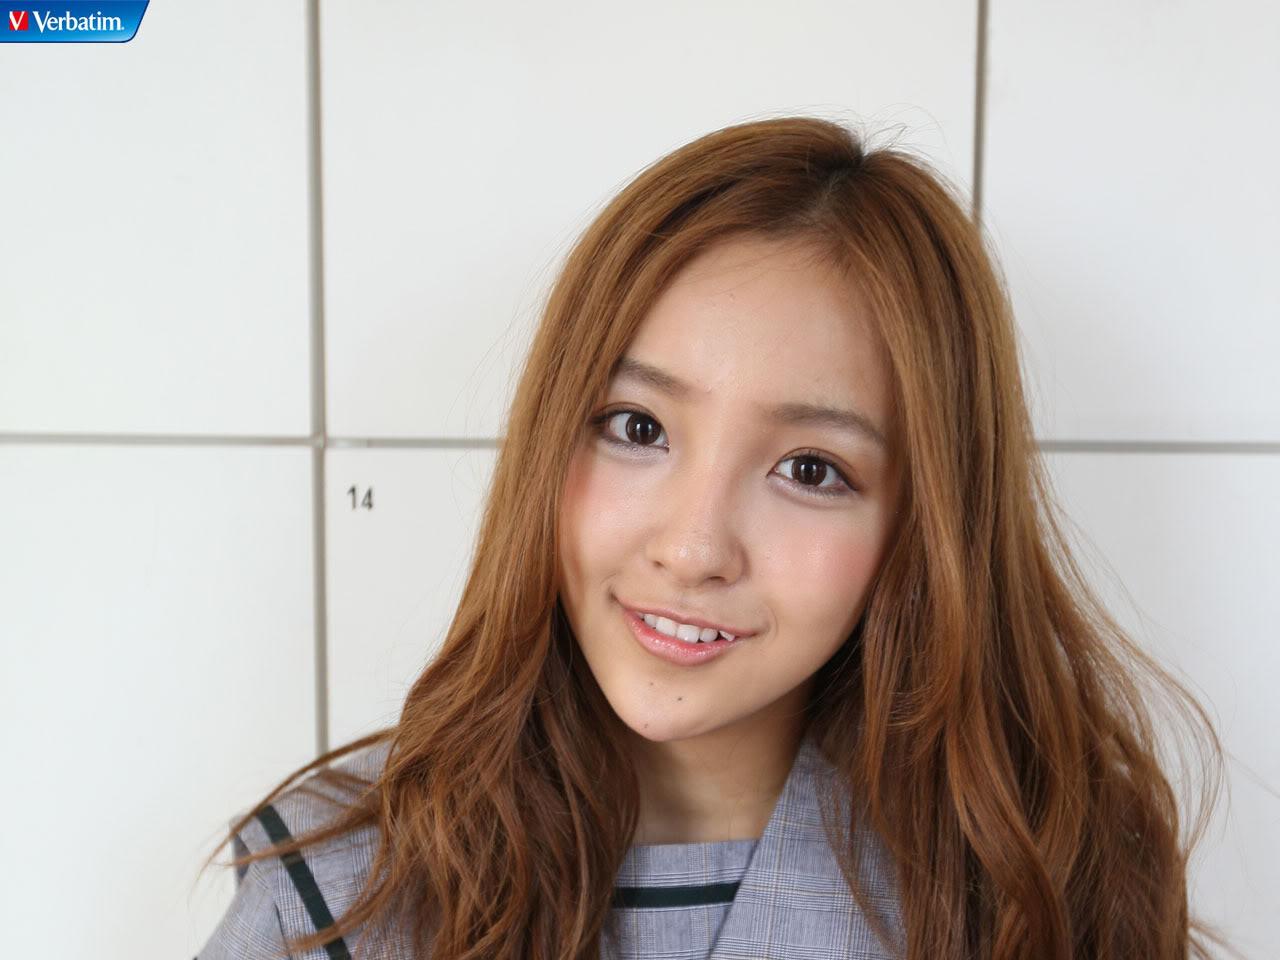 板野友美の画像 p1_27